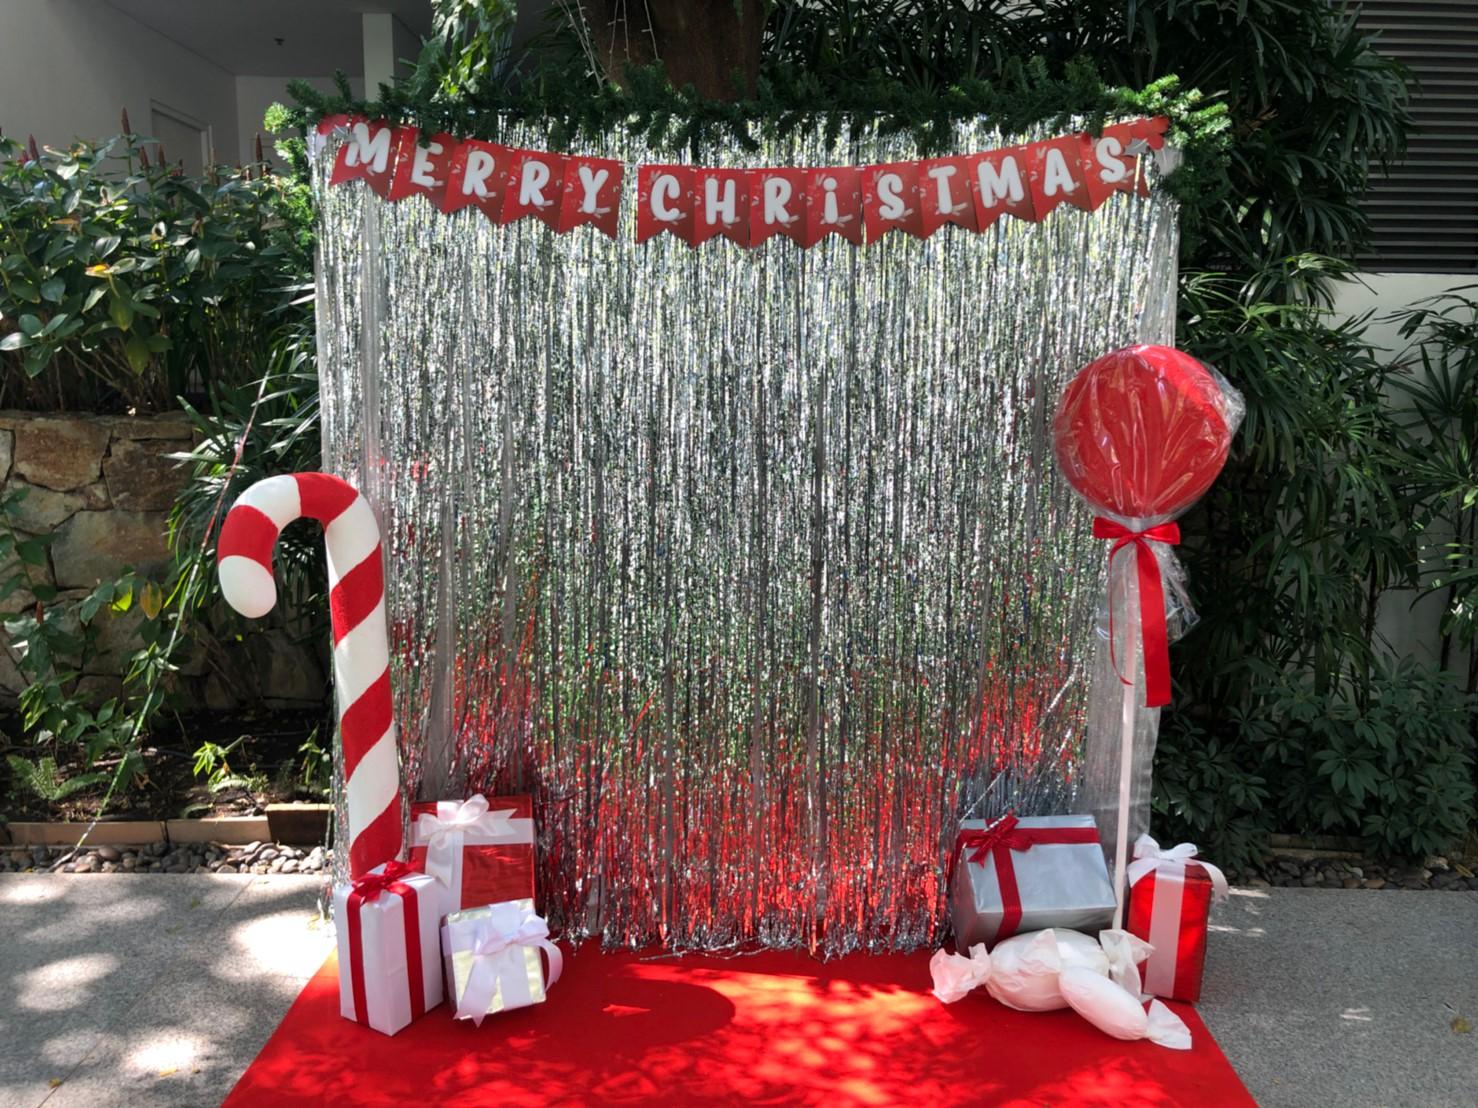 ไอเดียการจัดงานคริสต์มาส ตกแต่งงานคริสมาส รับจัดตกแต่งตามเทศกาล ตกแต่งโชว์รูม จัดตกแต่งร้าน ตกแต่งบริษัท ตกแต่งออฟฟิส โรงเรียน ปาร์ตี้คริสต์มาส ตกแต่งด้วยธีมคริสต์มาส